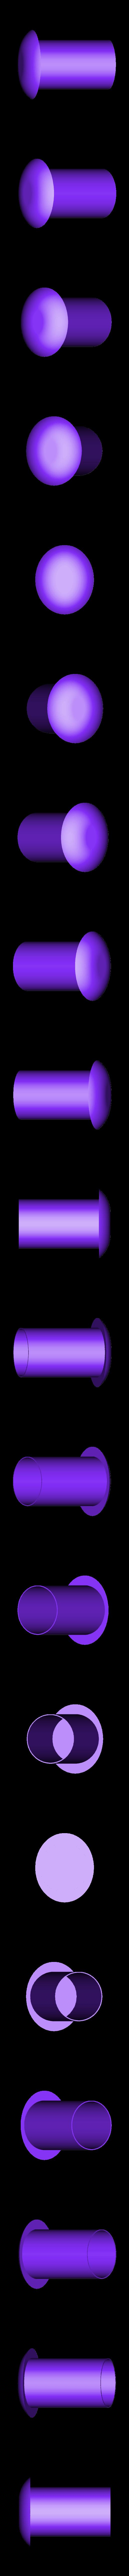 yeux.stl Télécharger fichier STL gratuit Eyes for T-800 with Led • Design à imprimer en 3D, egalistel